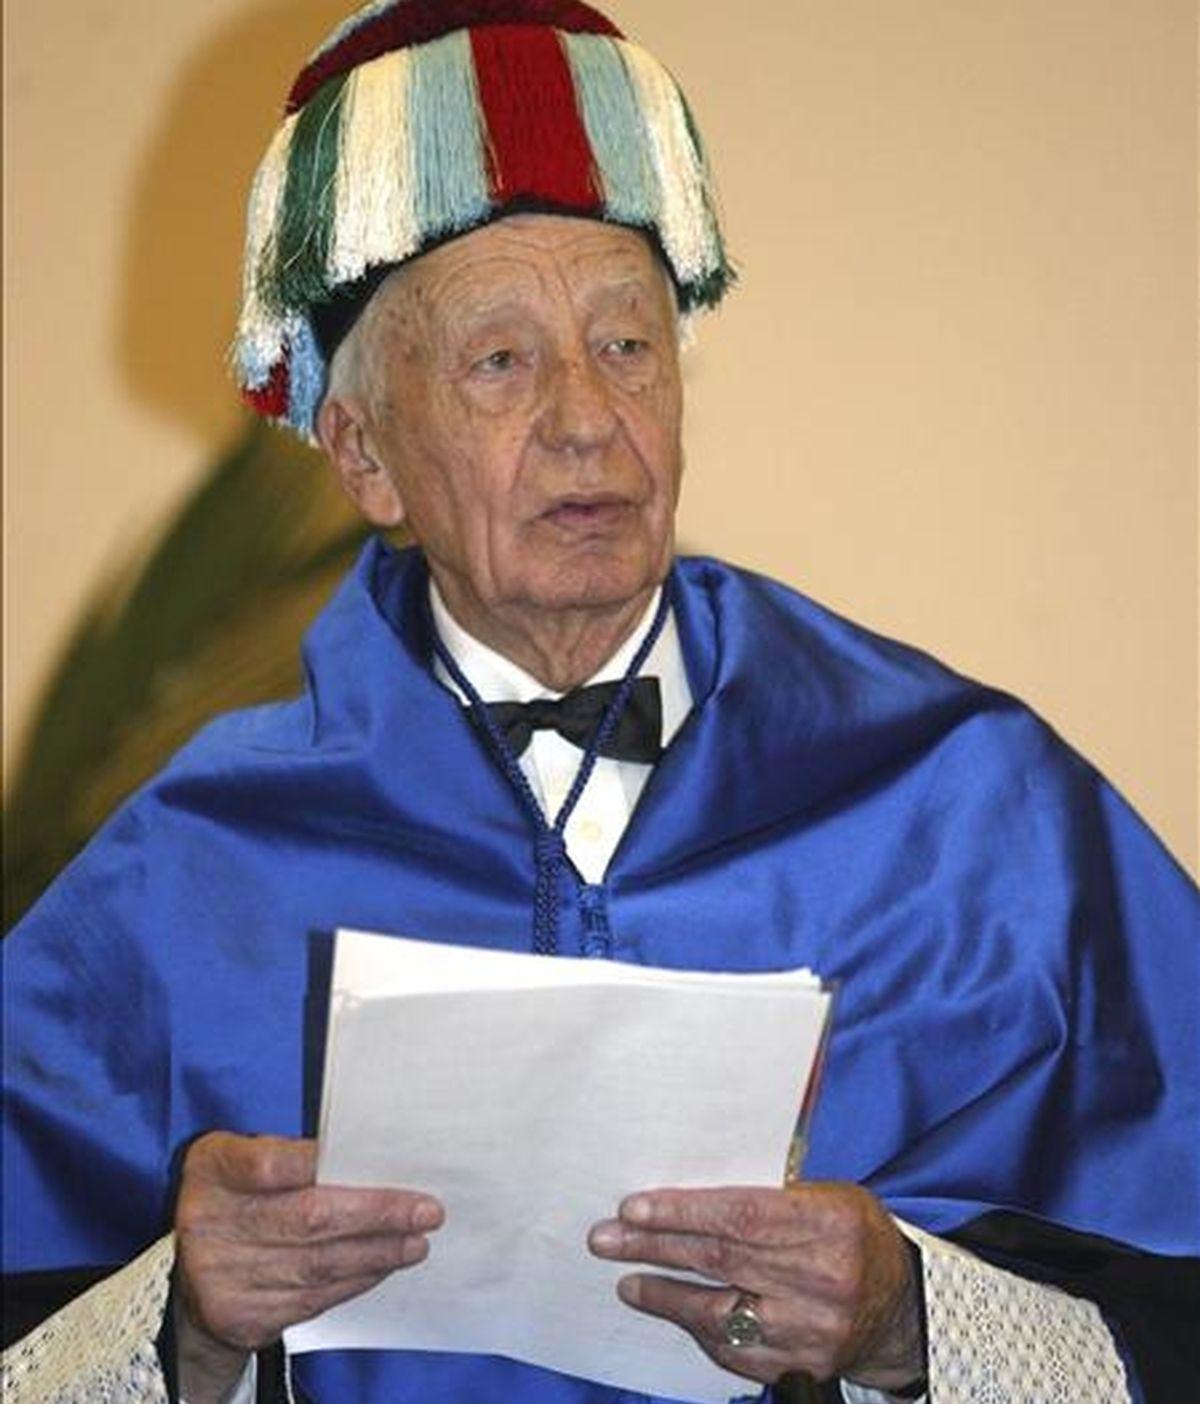 El científico francés Jean Dausset, en una fotografía de 2004. EFE